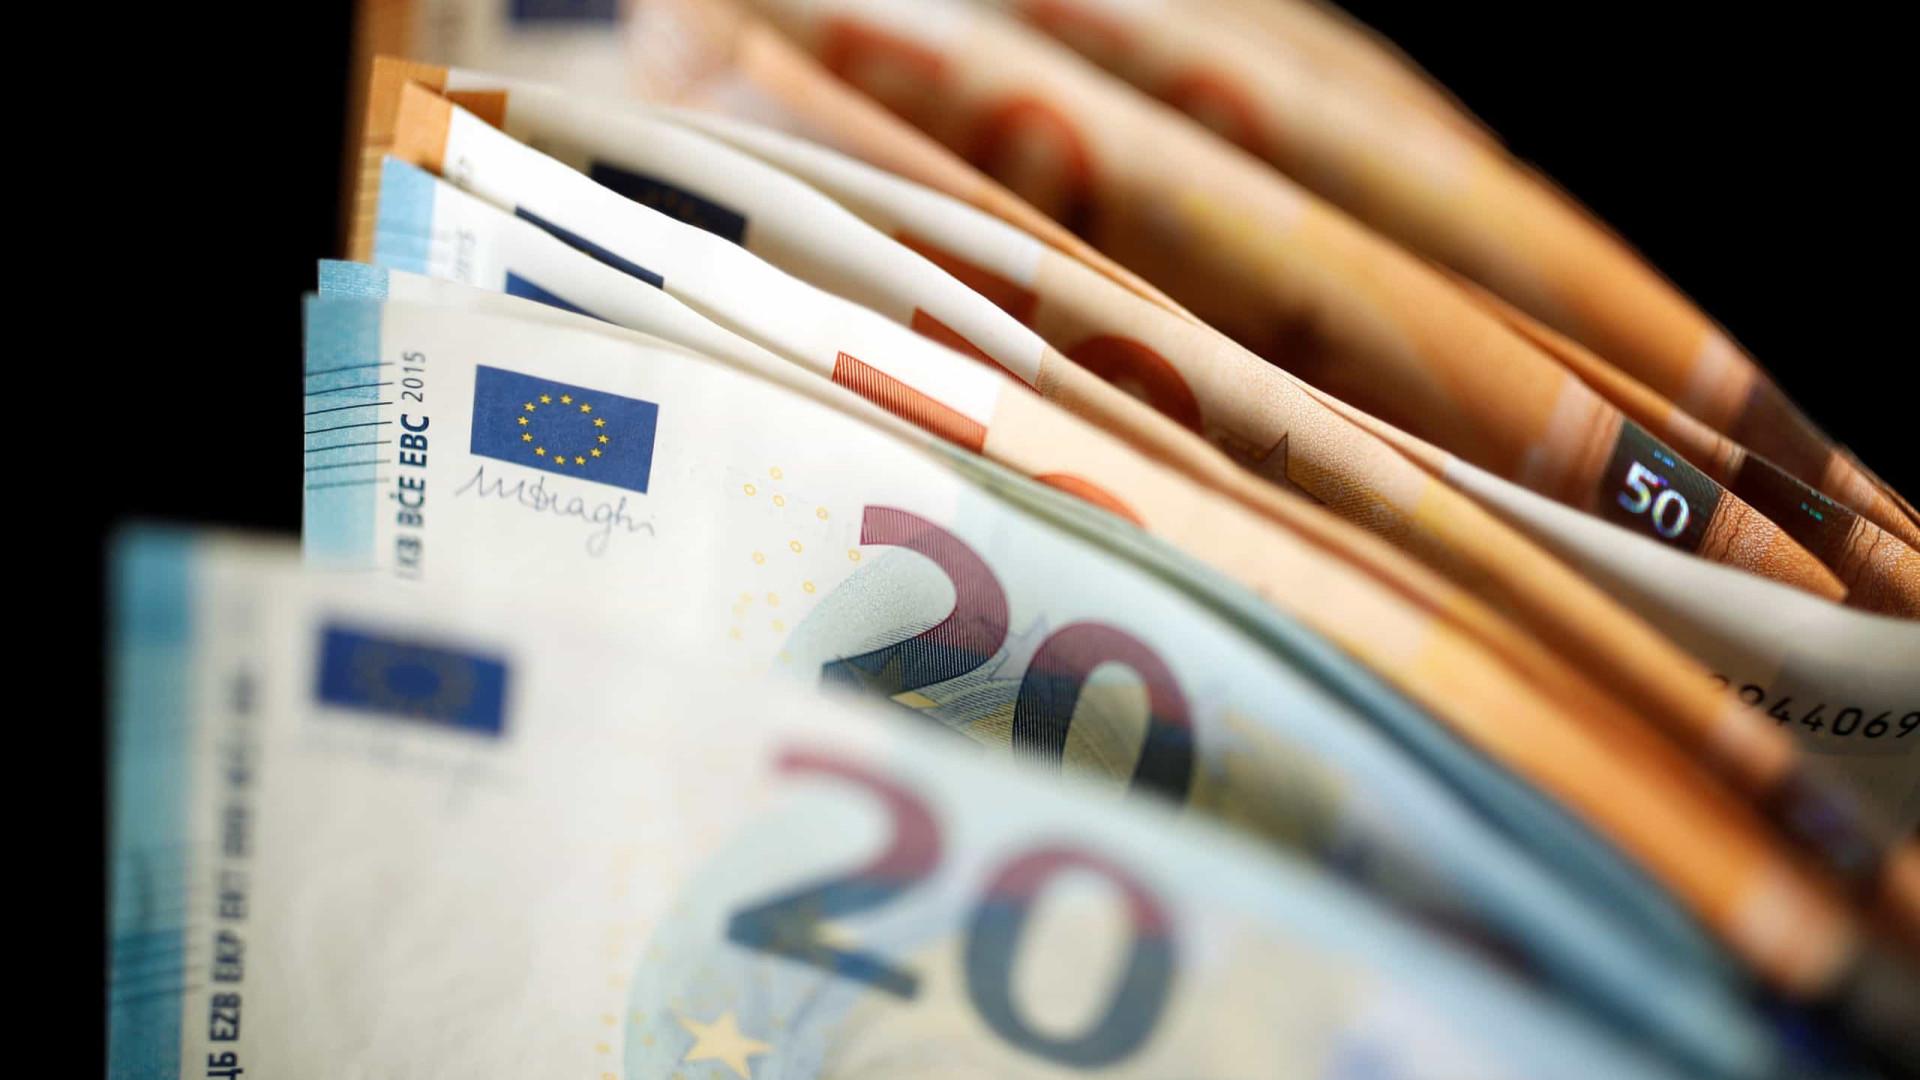 Aumentos salariais da função pública aprovados em Conselho de Ministros